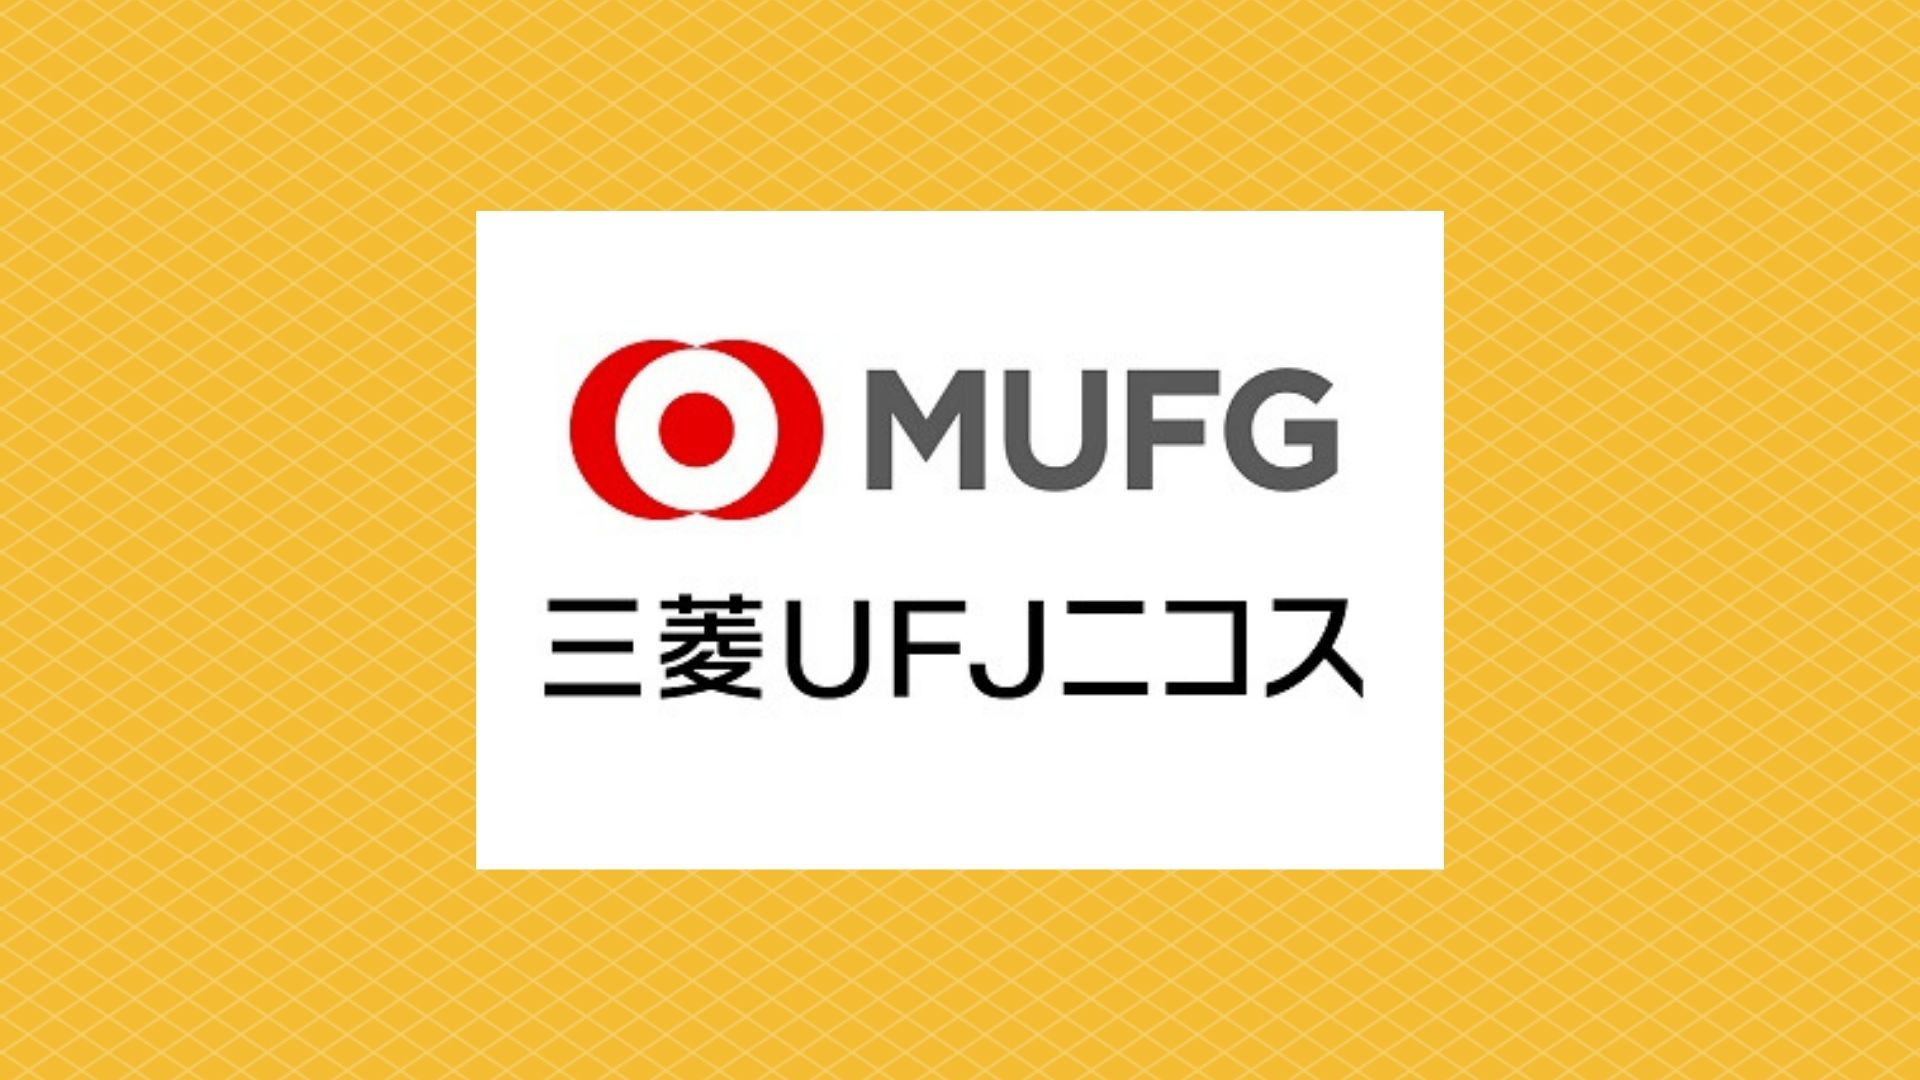 三菱UFJニコスカードおすすめ6選!種類・年会費など詳しく解説